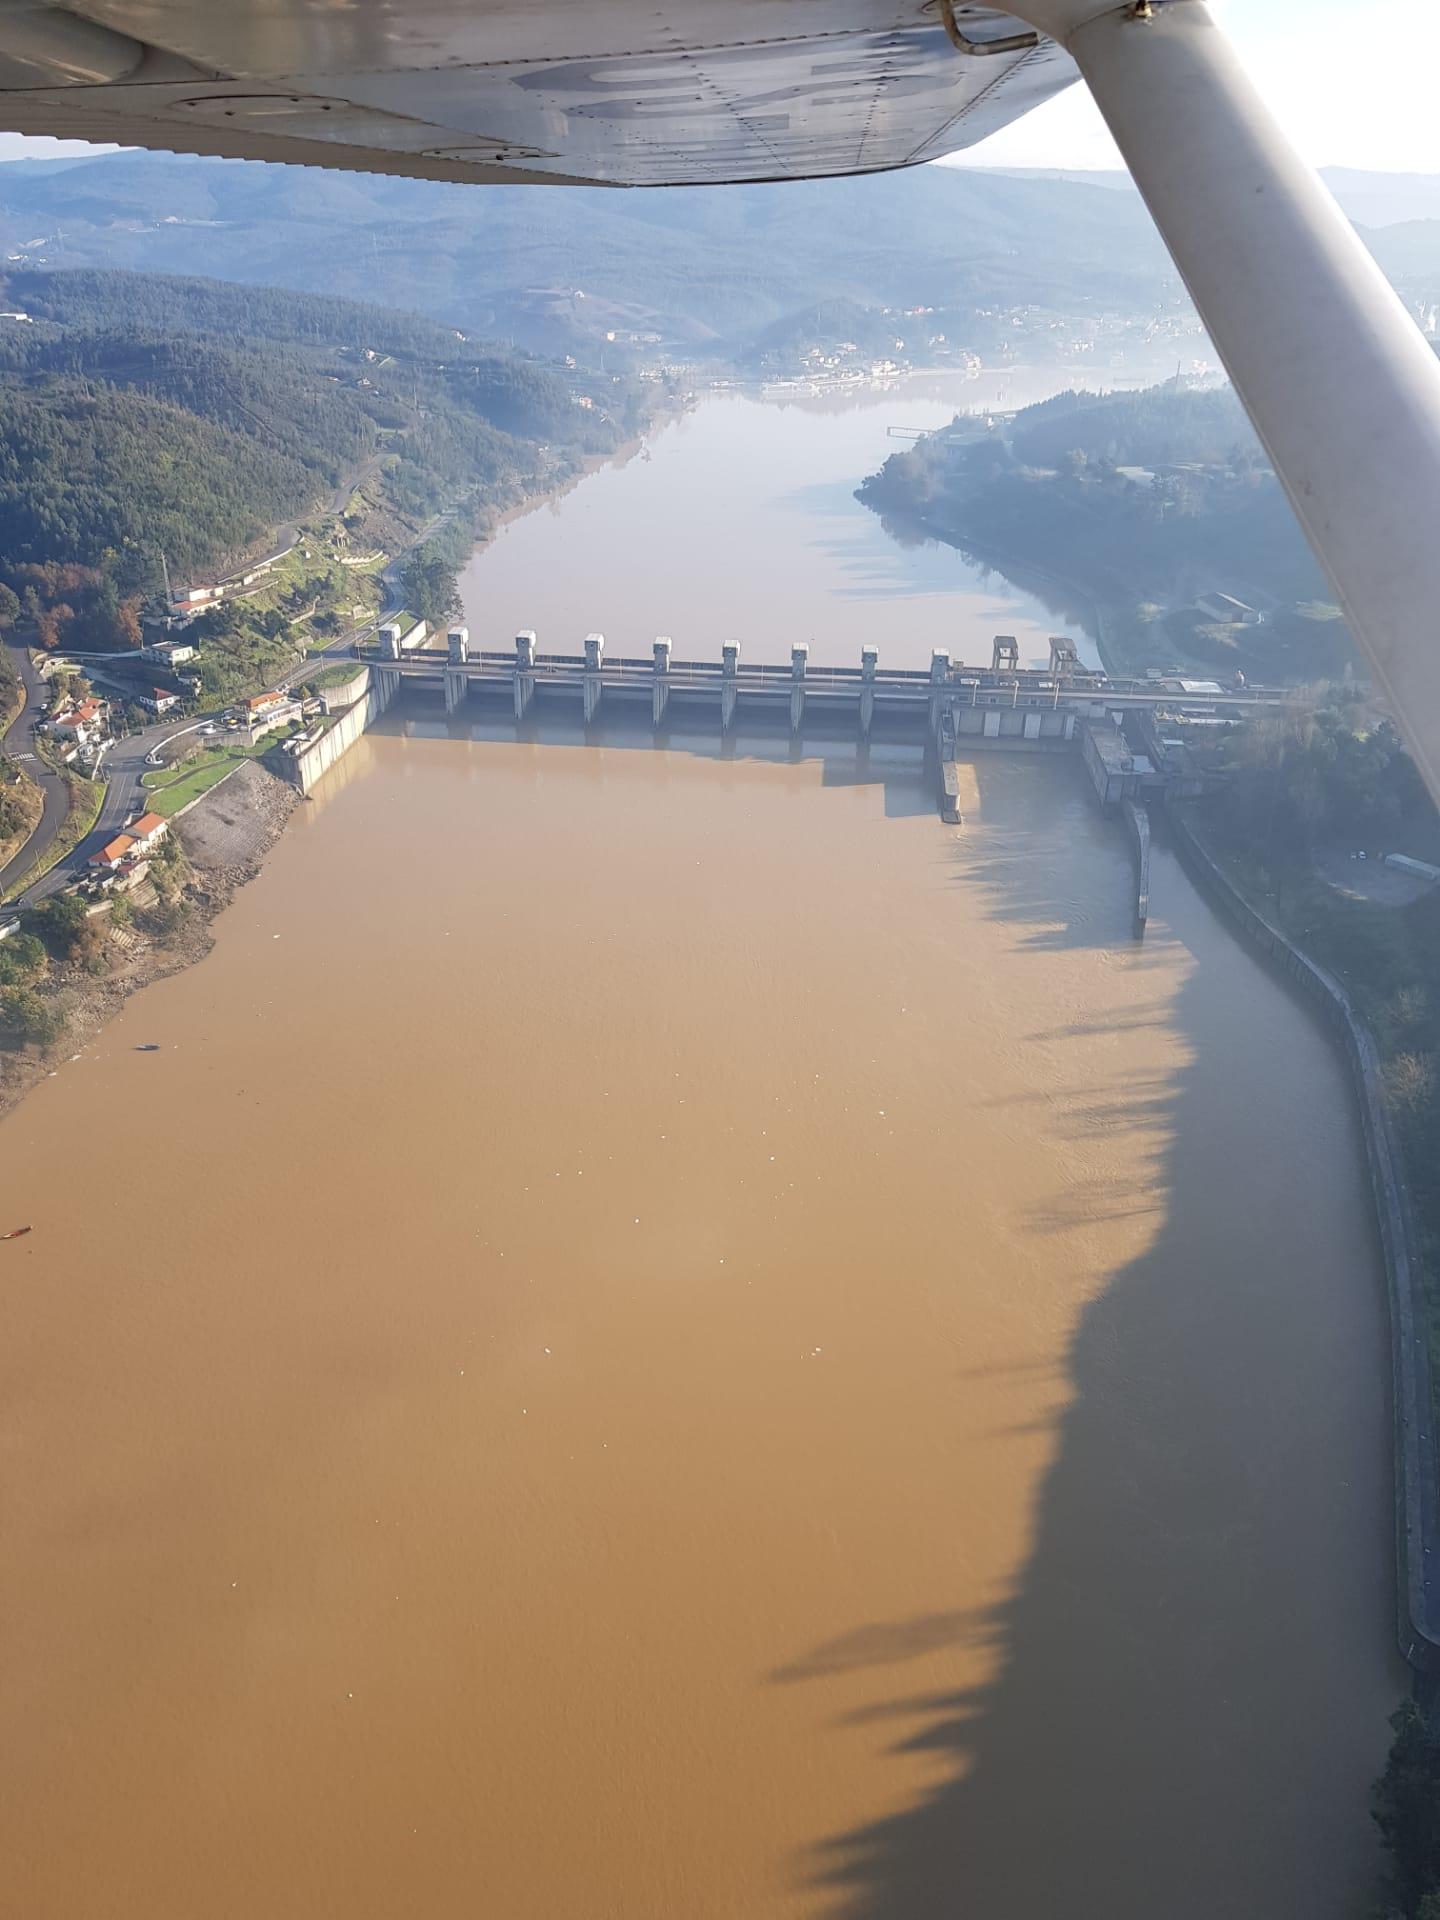 LM-Arquivo-Douro-Paiva-Foto-Aerea-ETA-Lever-078